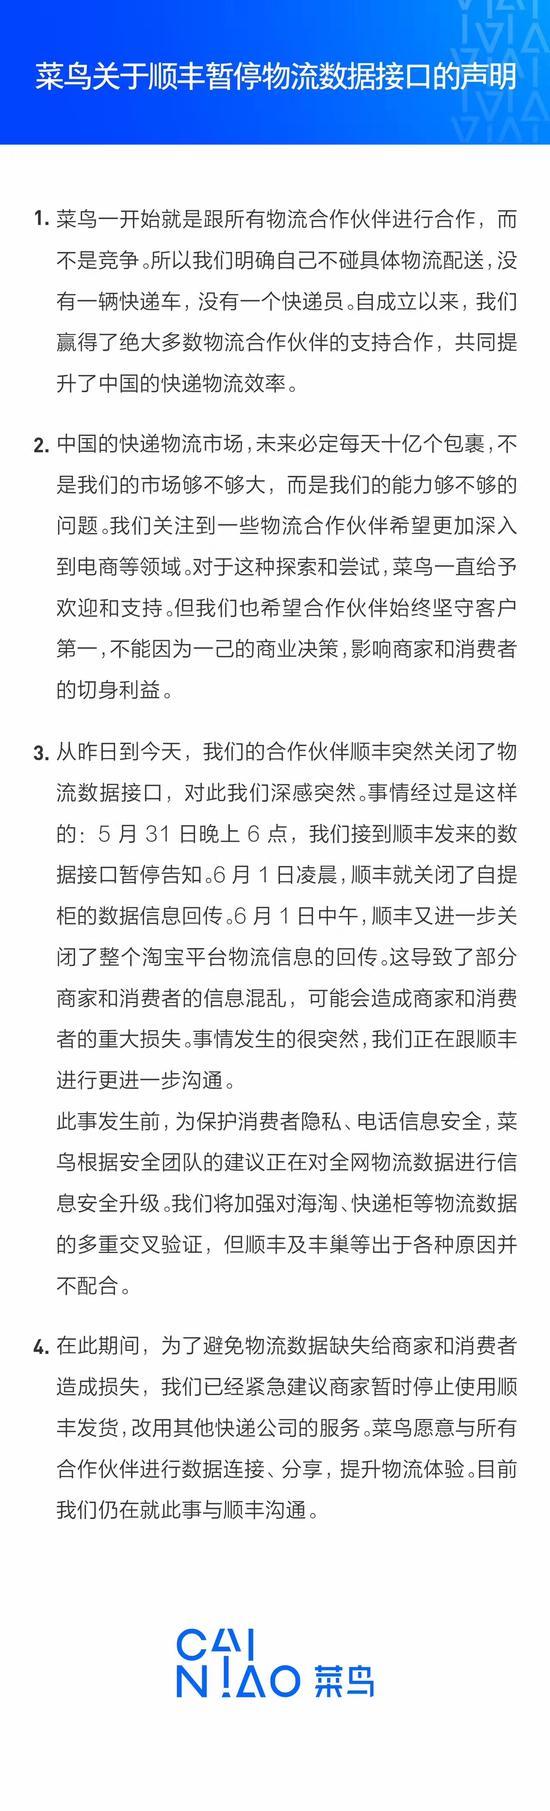 菜鸟官方微博.jpg